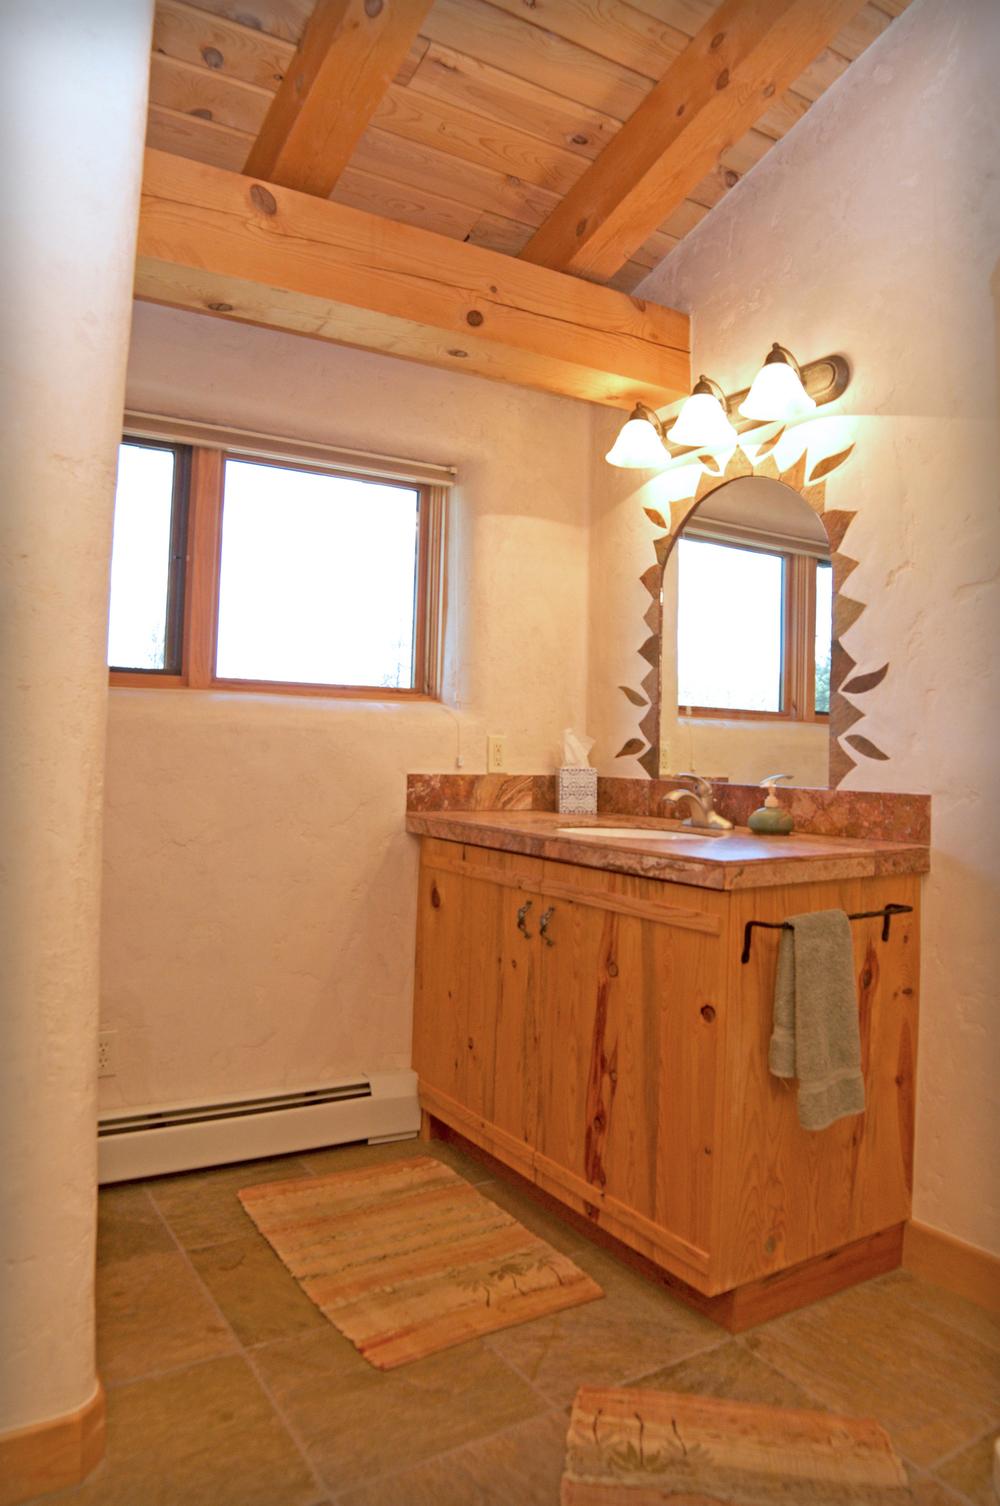 upstairsbathroom.jpg